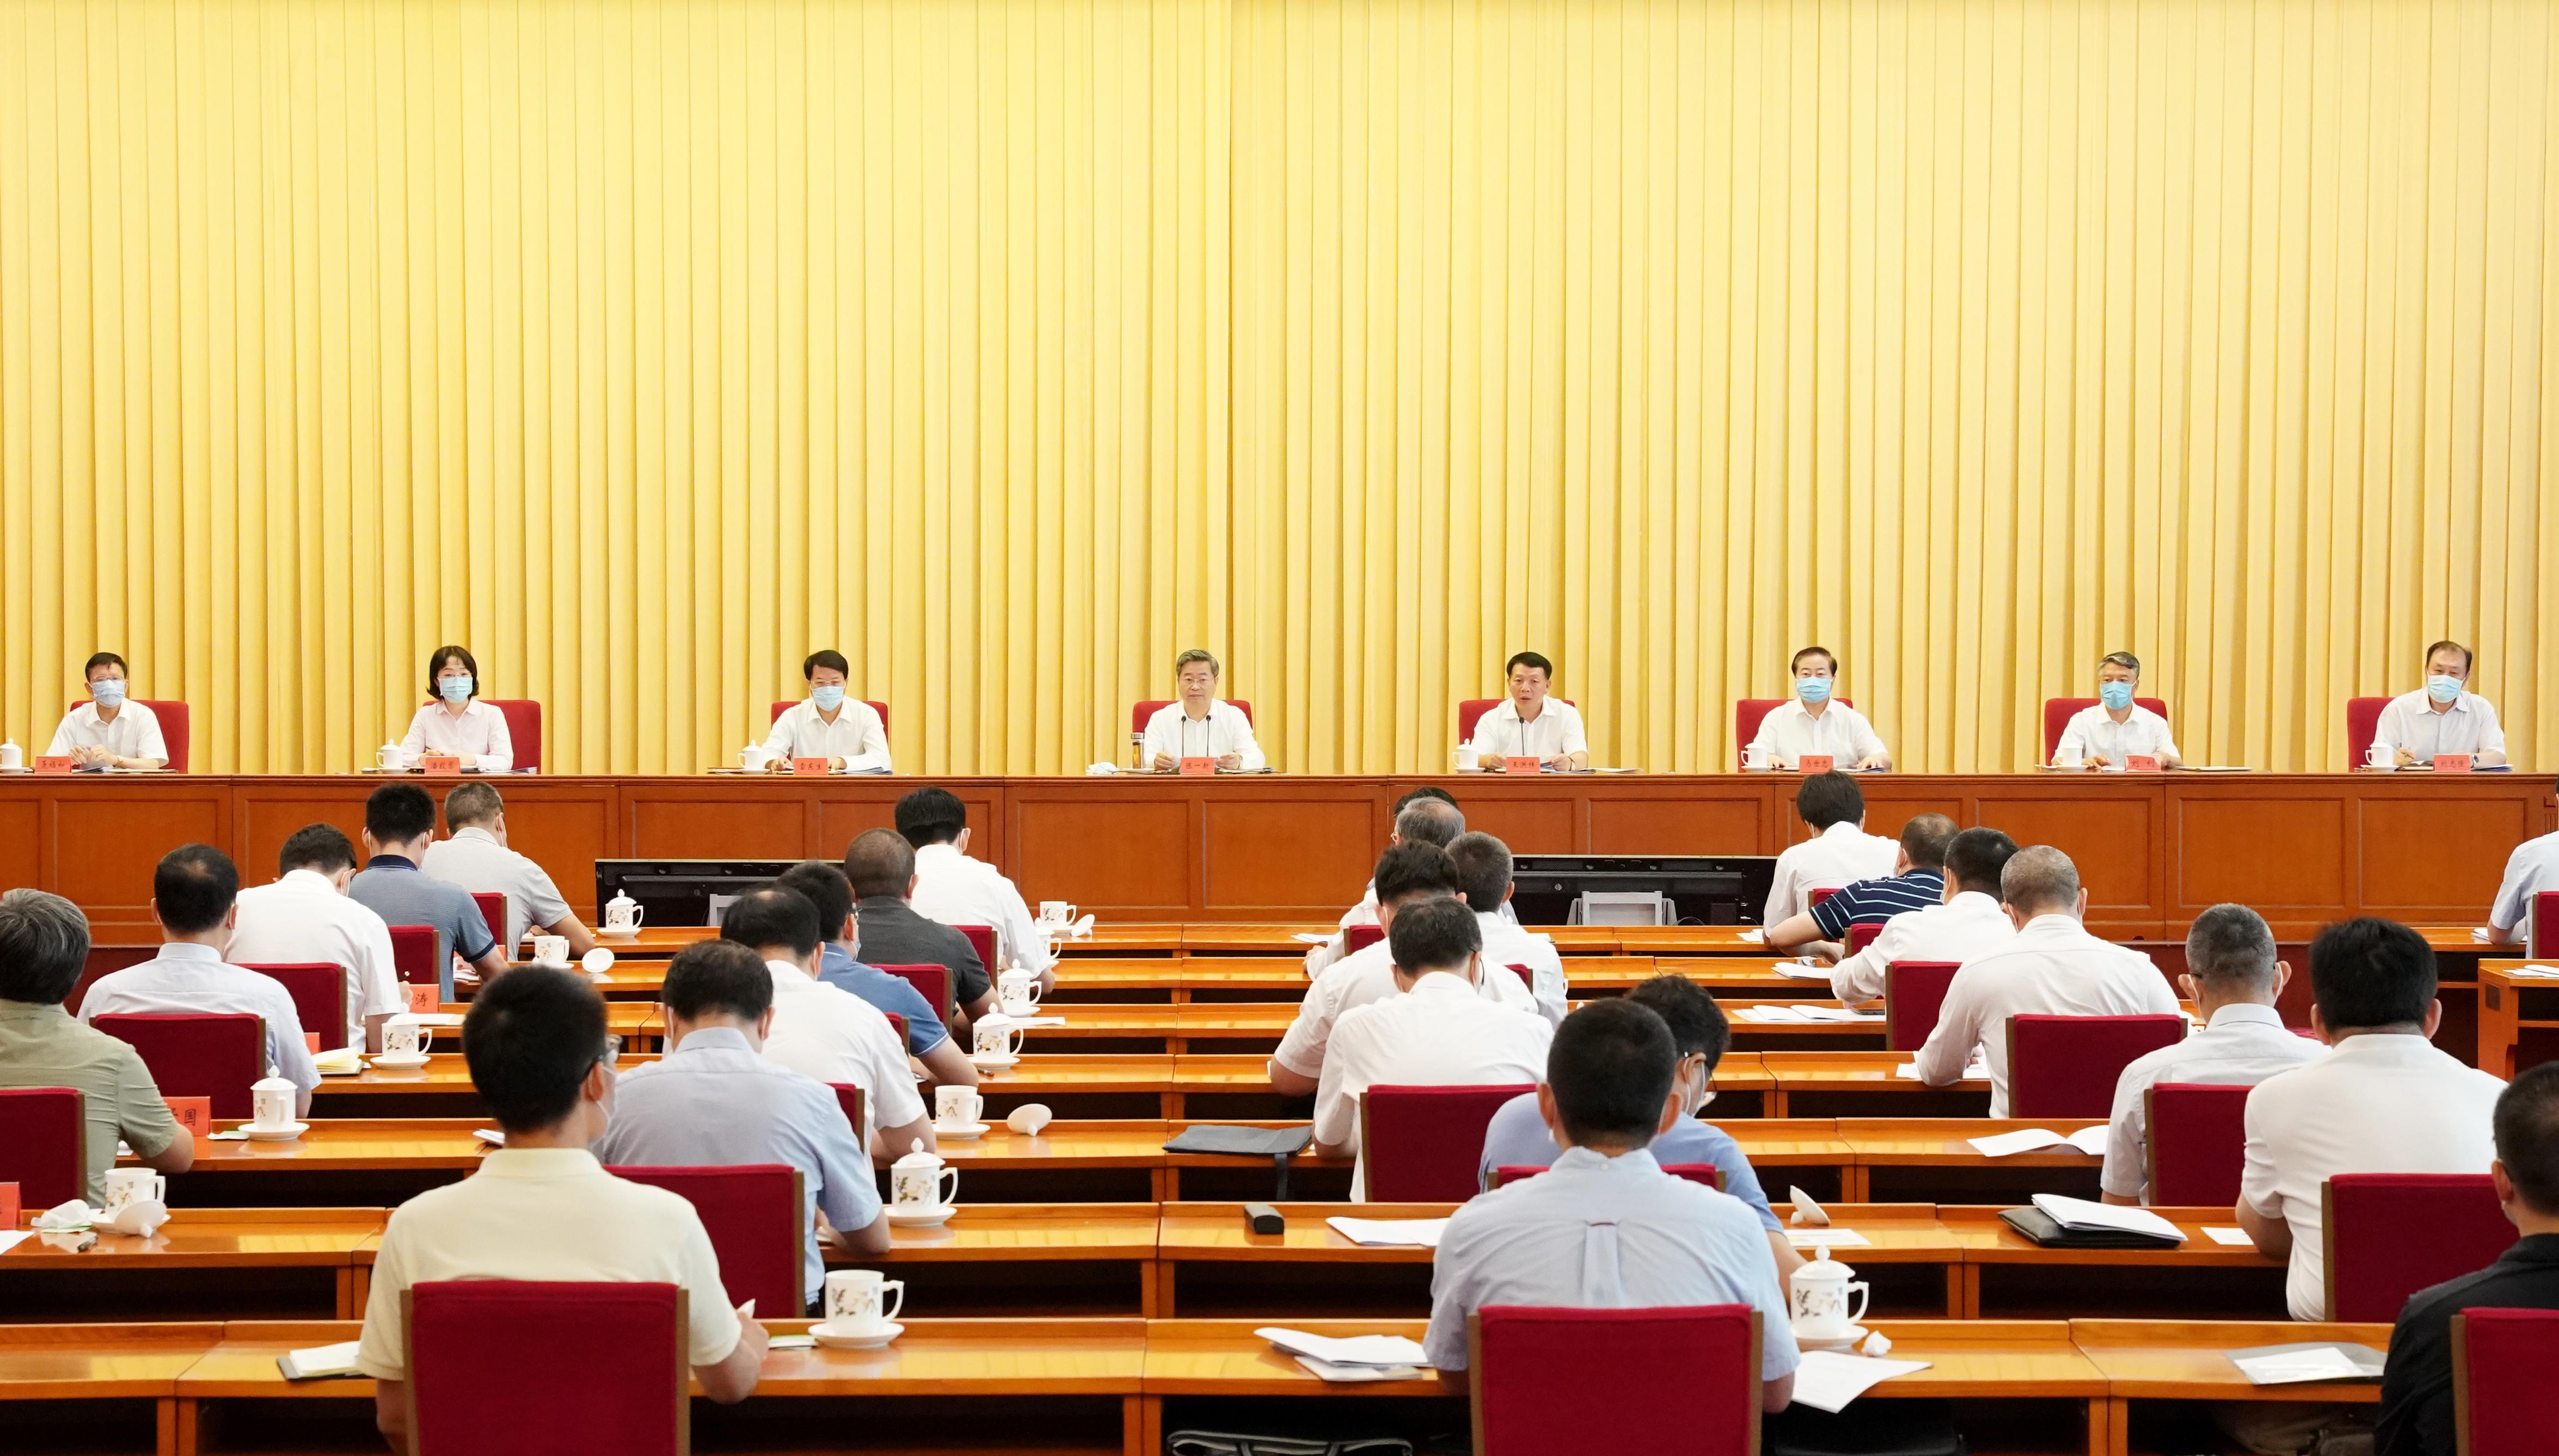 陈一新:扎实开展全国政法队伍教育整顿...